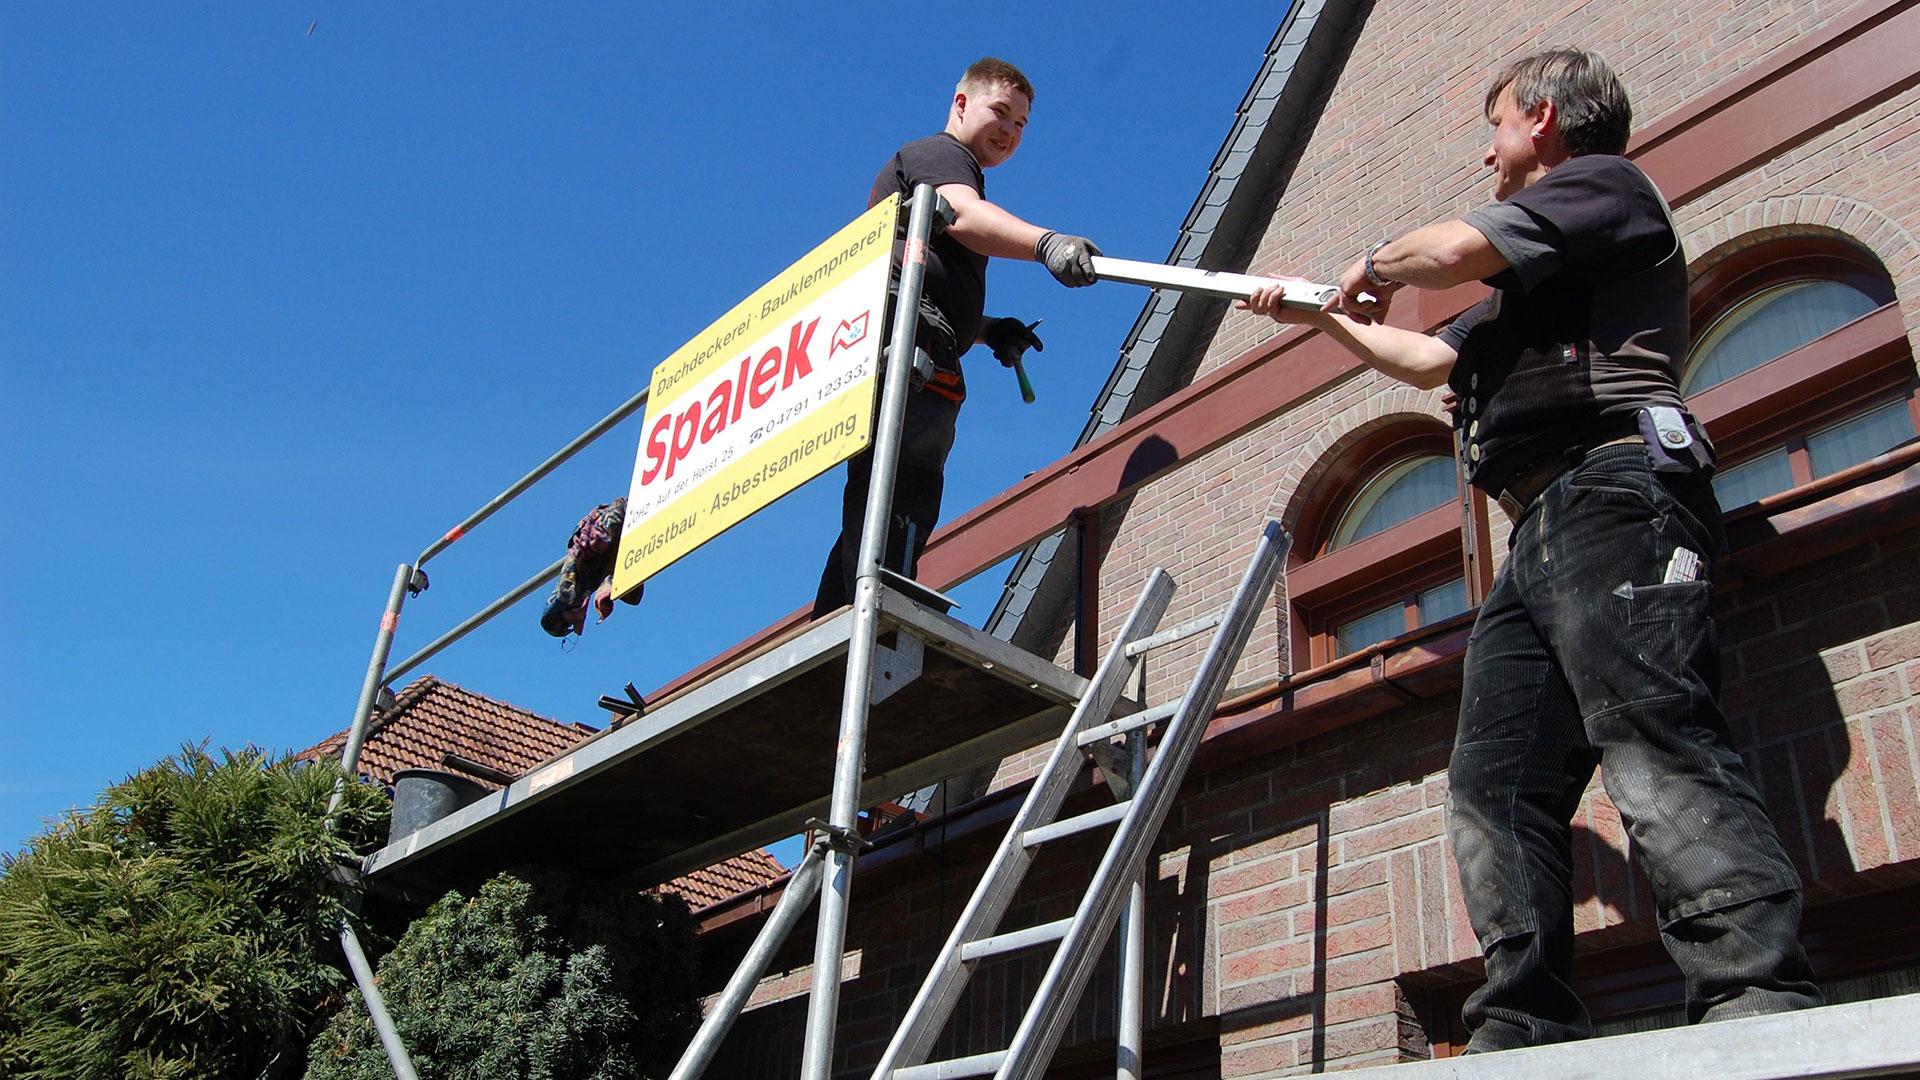 Dachdecker bei der Arbeit 1920x1080px | Dachdeckerei Spalek OHZ